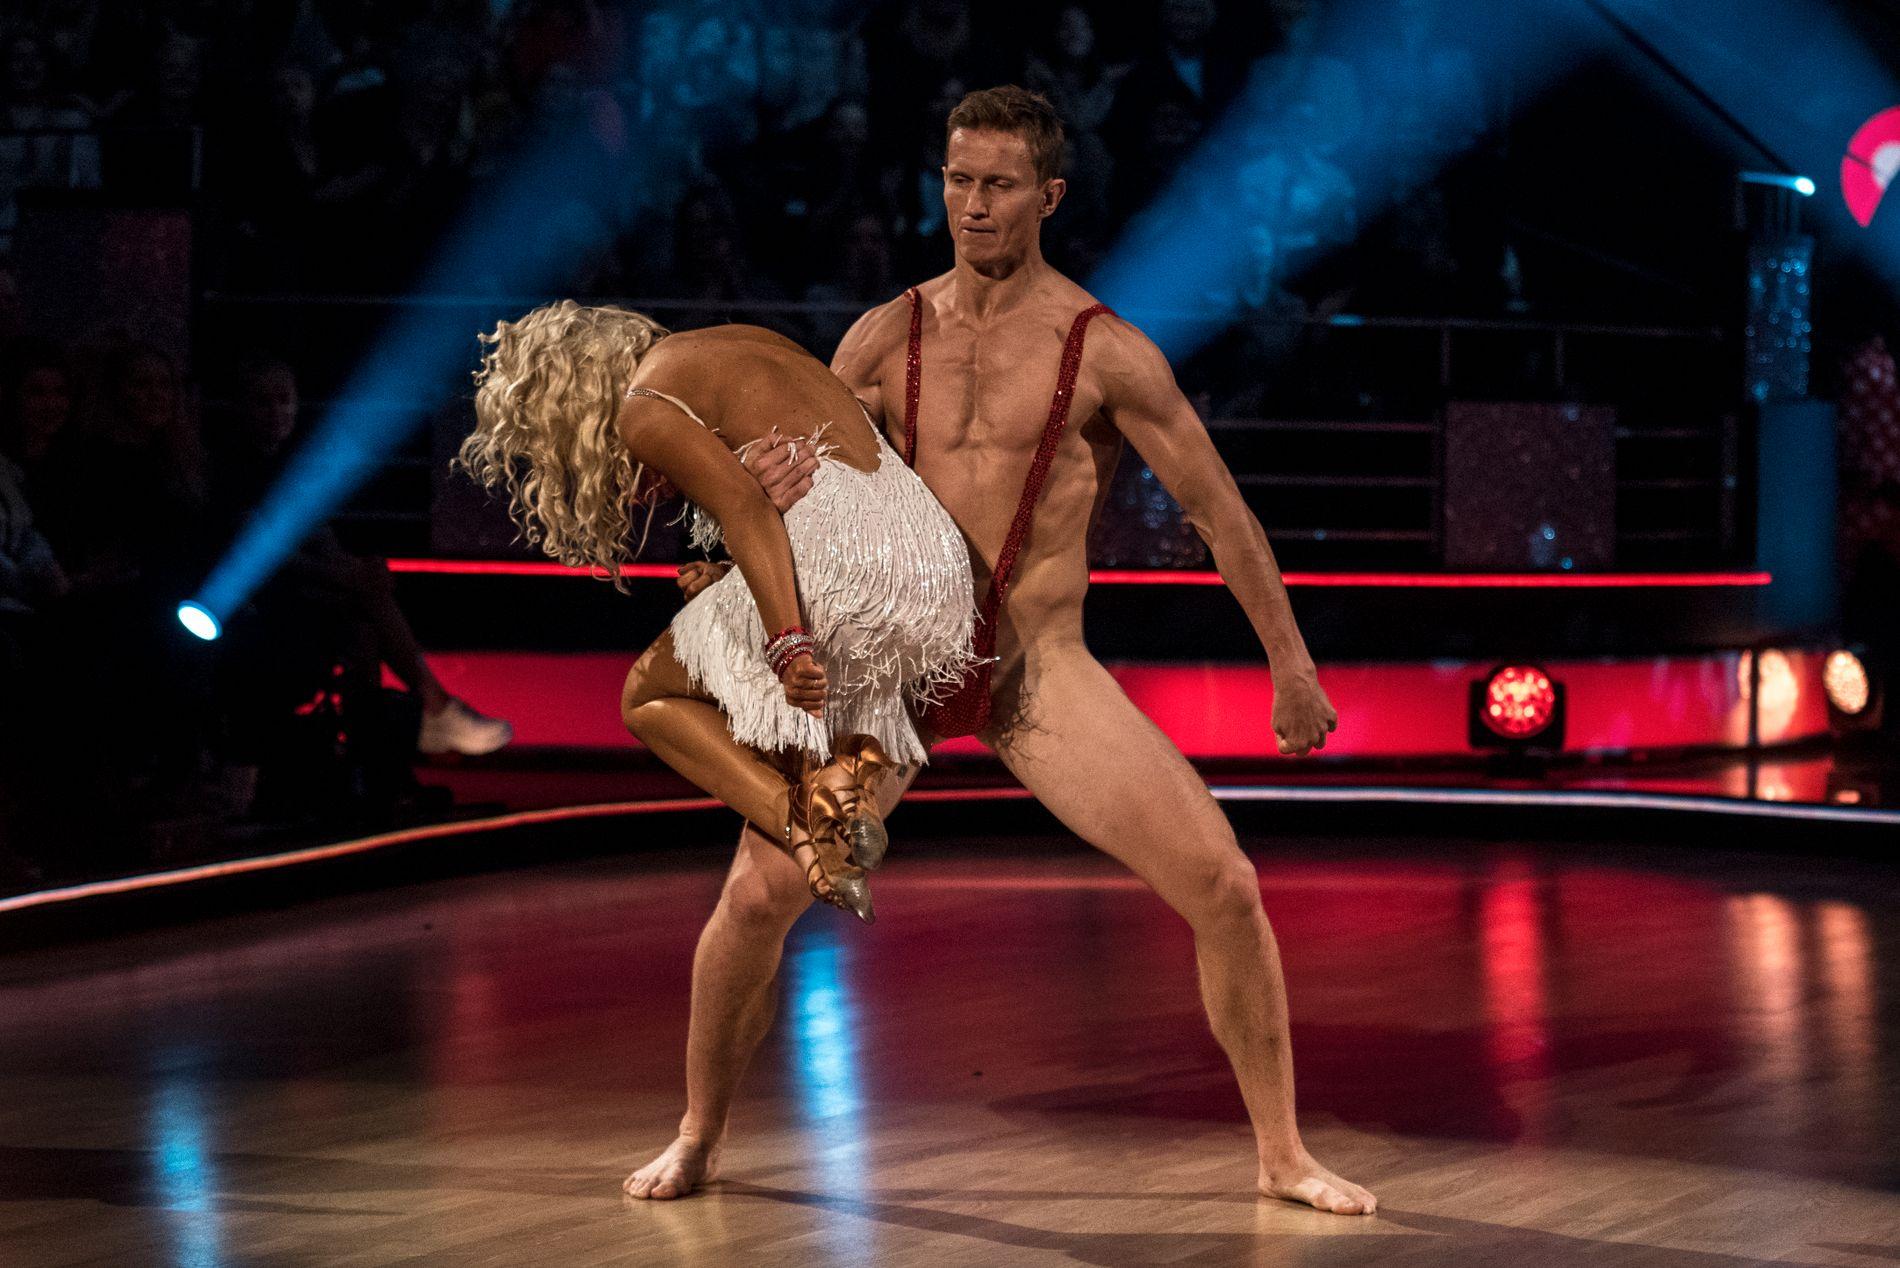 UTE AV DANSEN: Hverken dansepartneren, dommerne eller programlederne var klar over Frank Løkes nesten-nakenstunt.